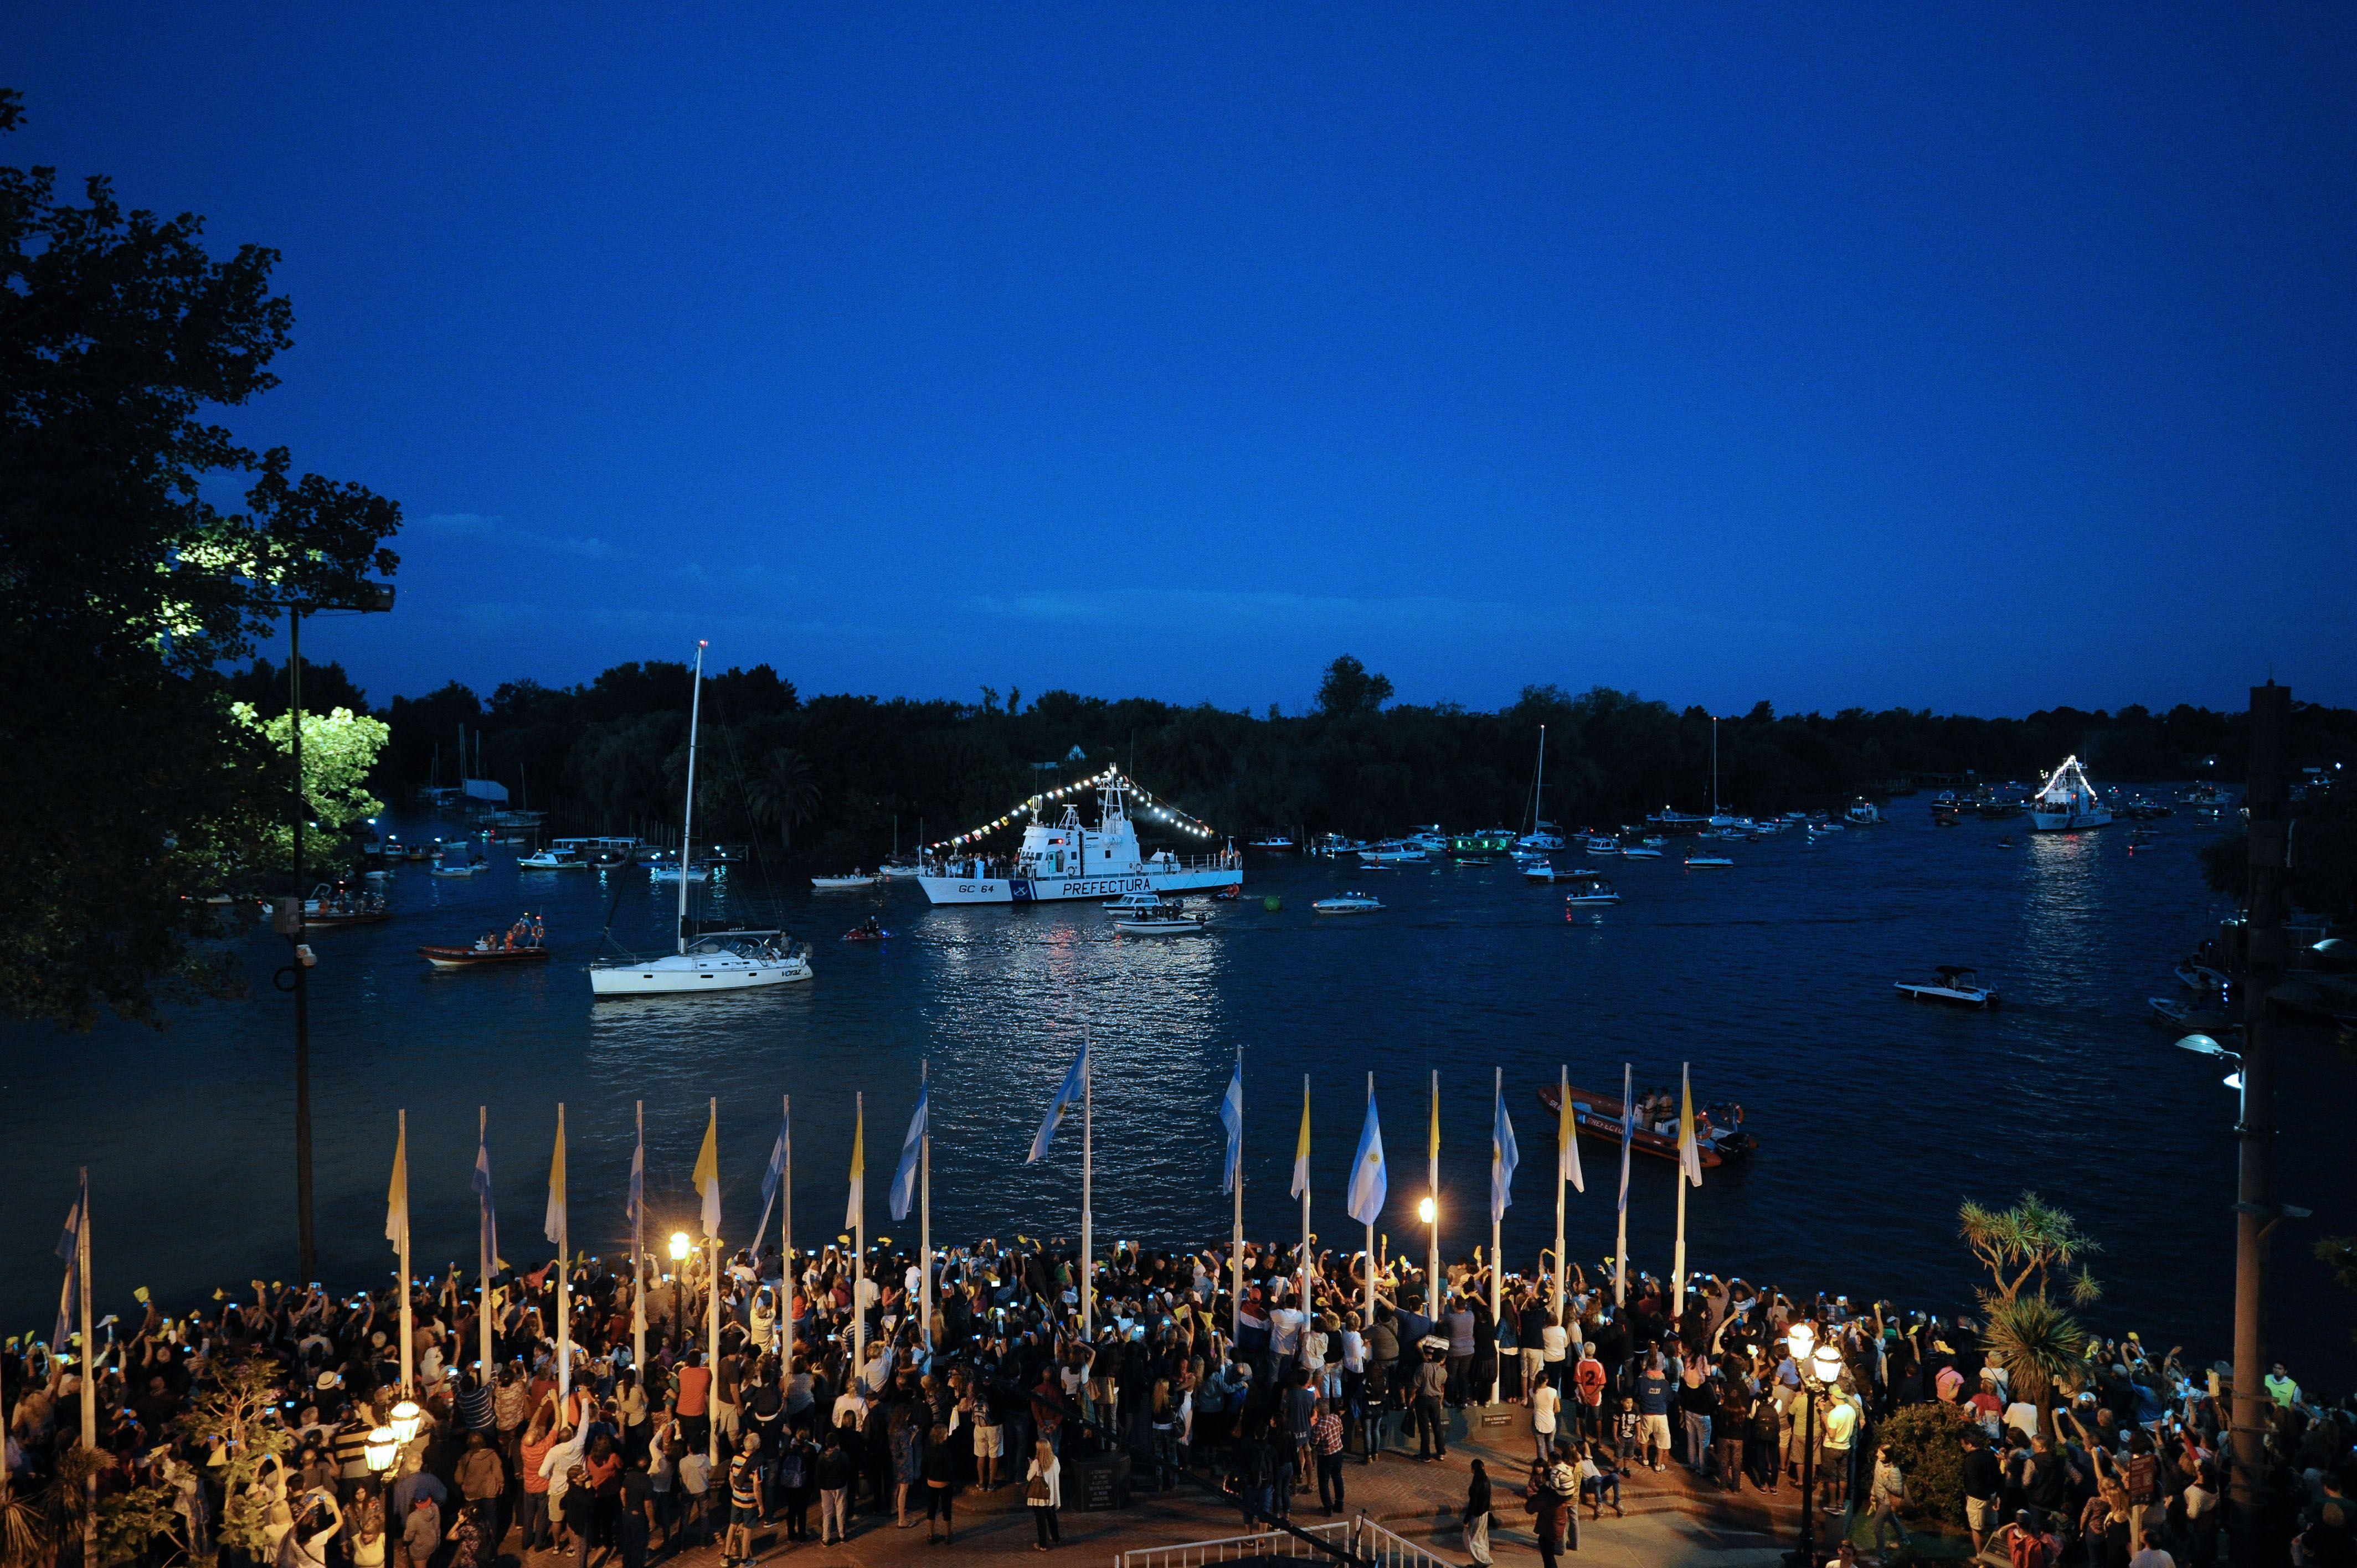 Tigre celebra el Día de la Virgen con su tradicional procesión náutica